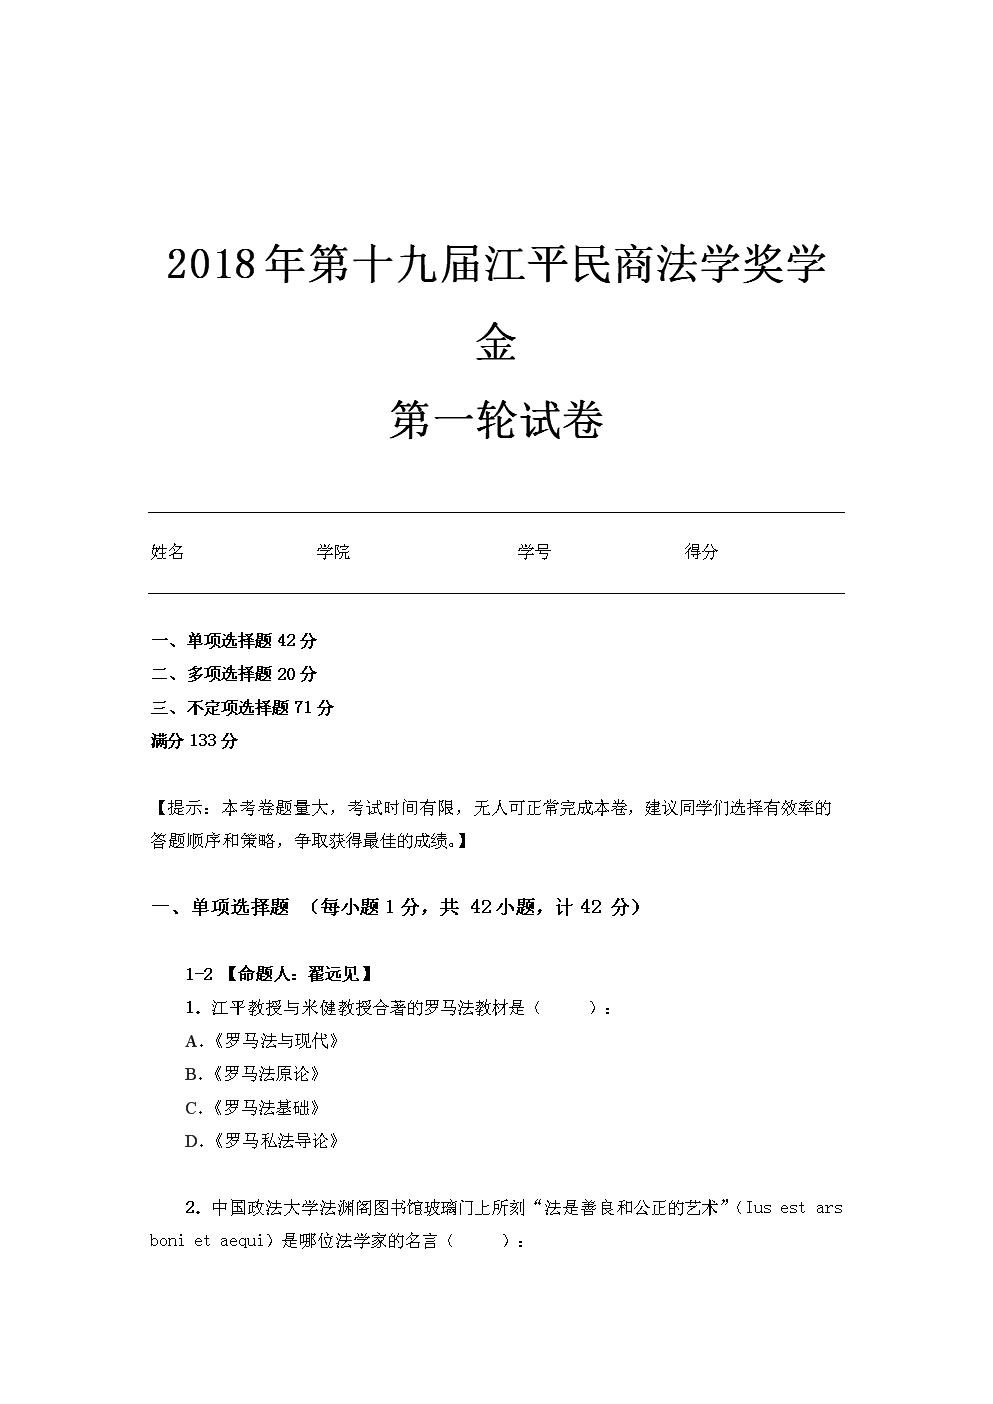 2018年(第十九届)江平民商法学奖学金试卷及答案.docx